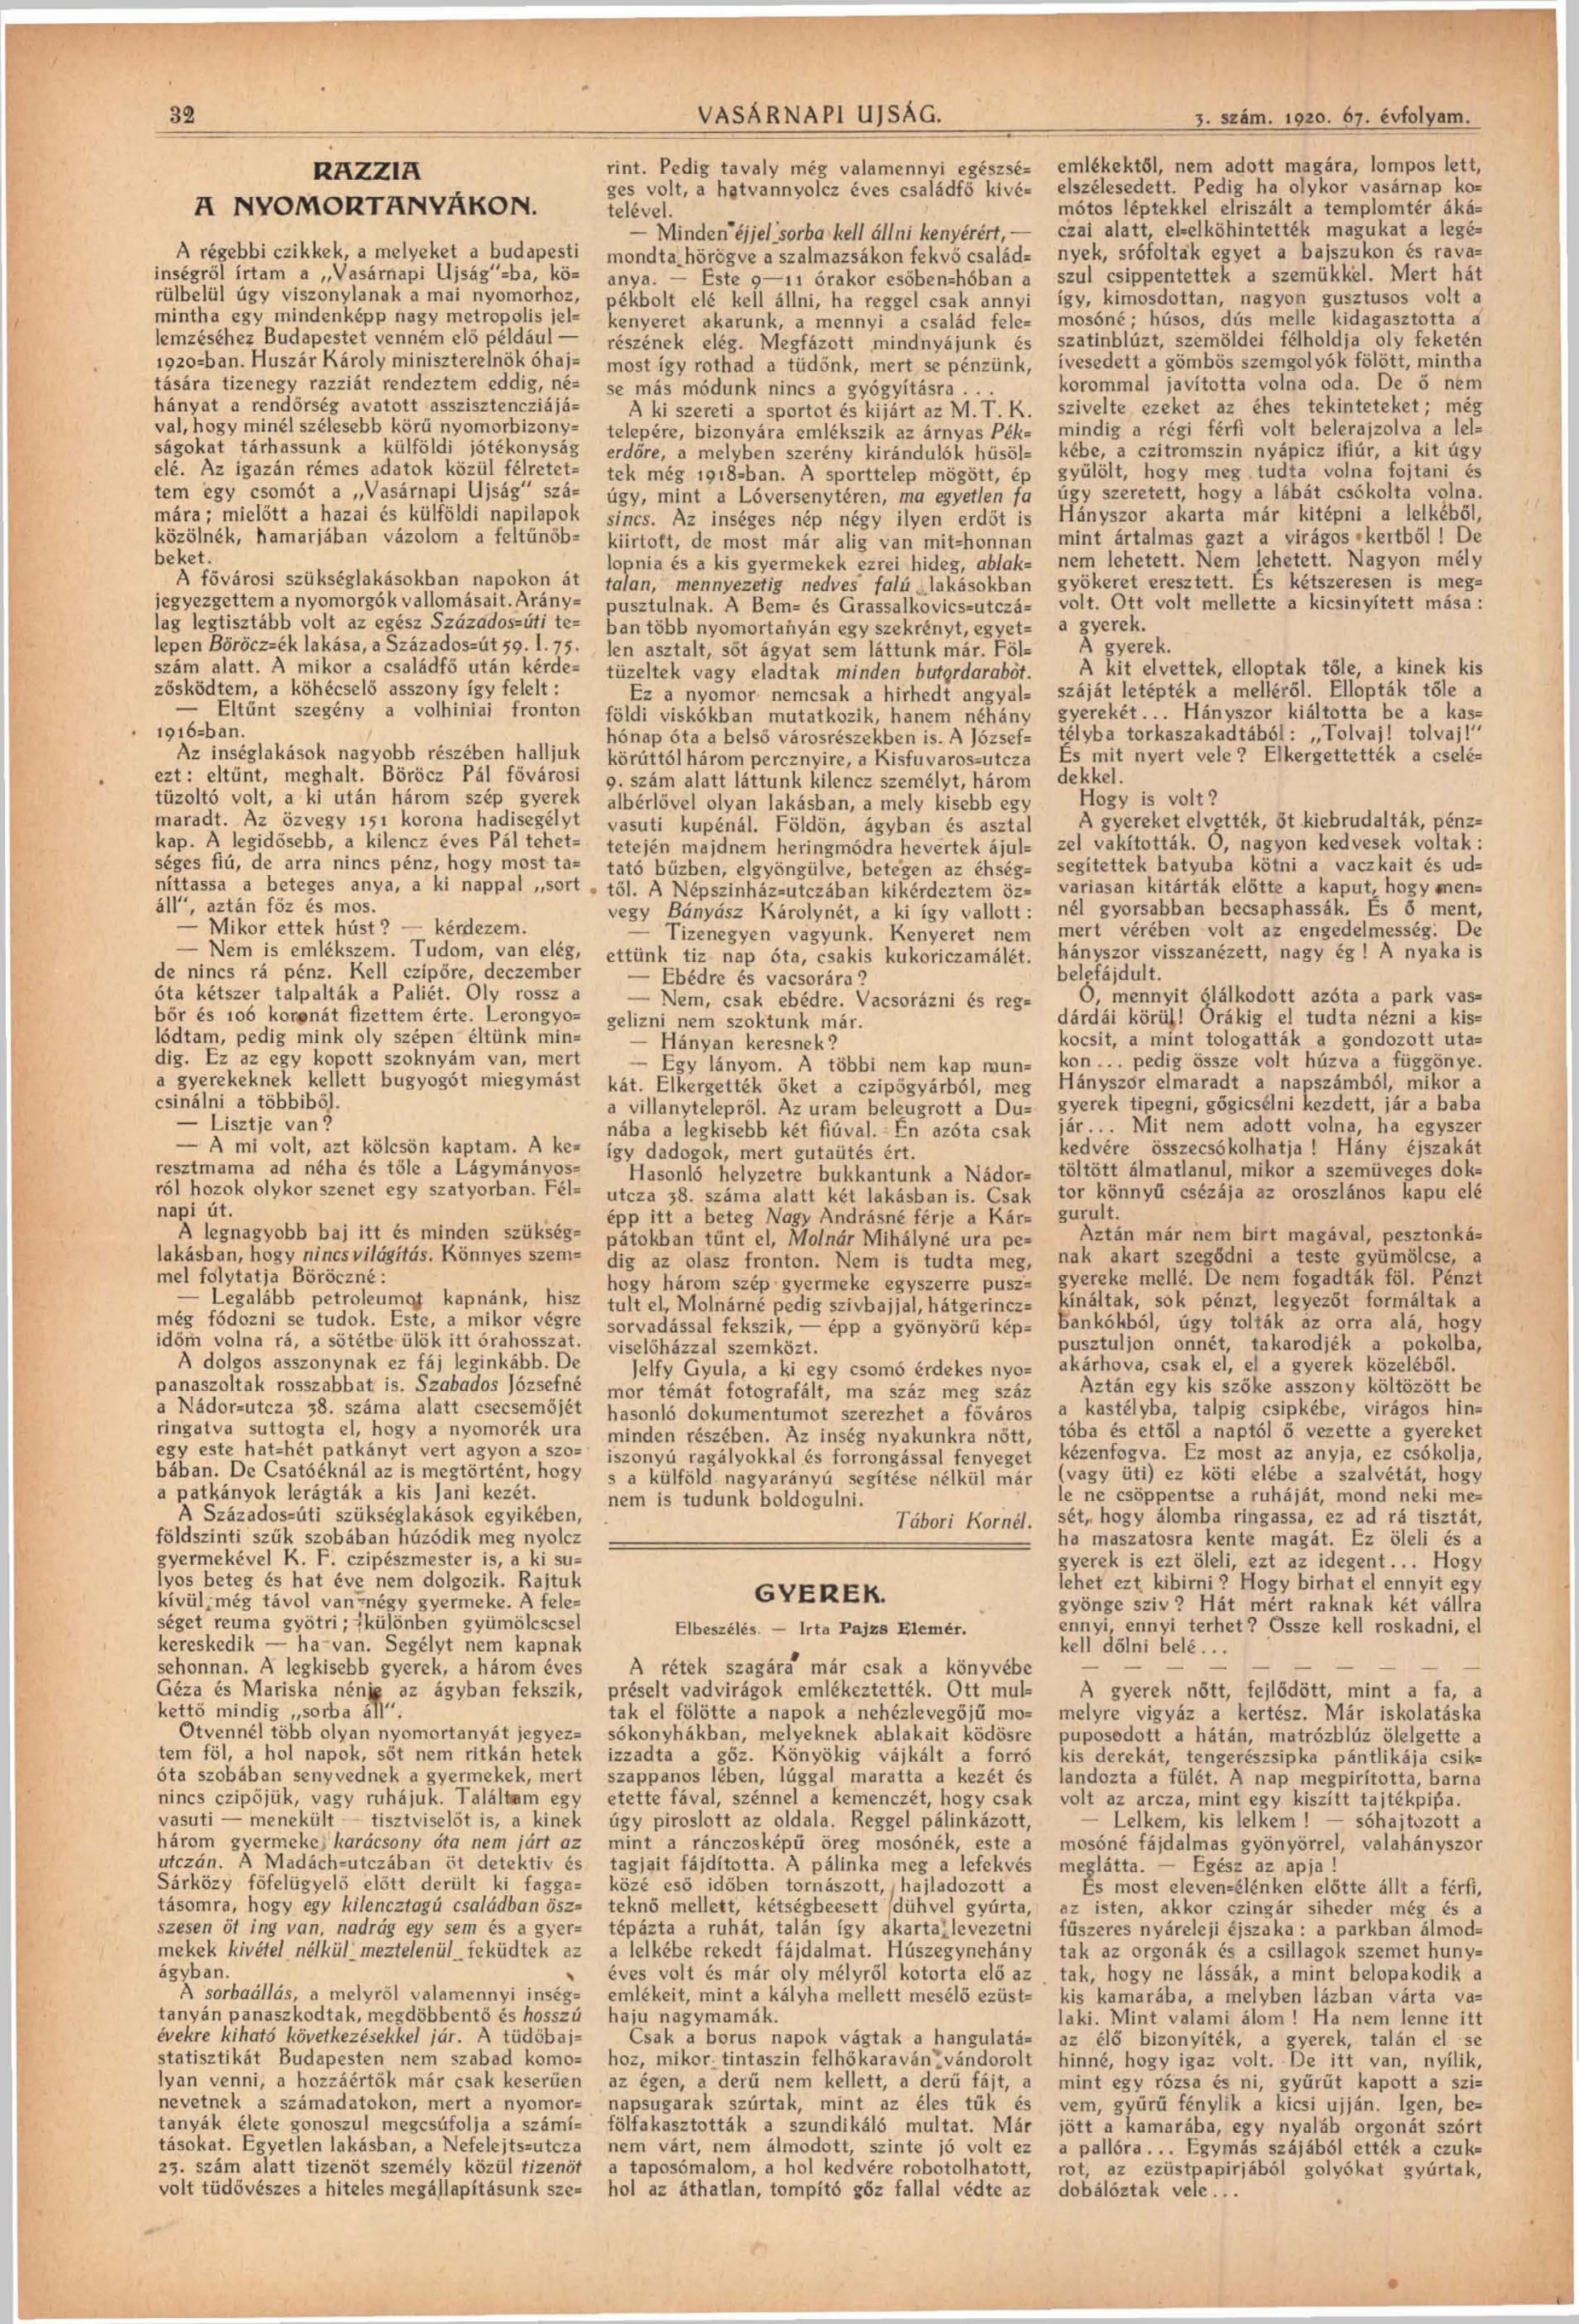 Tábori Kornél: Razzia a nyomortanyákon<br />Vasárnapi Ujság, 3. szám. 1920. 67. évfolyam. 32. oldal<br />adtplus.arcanum.hu